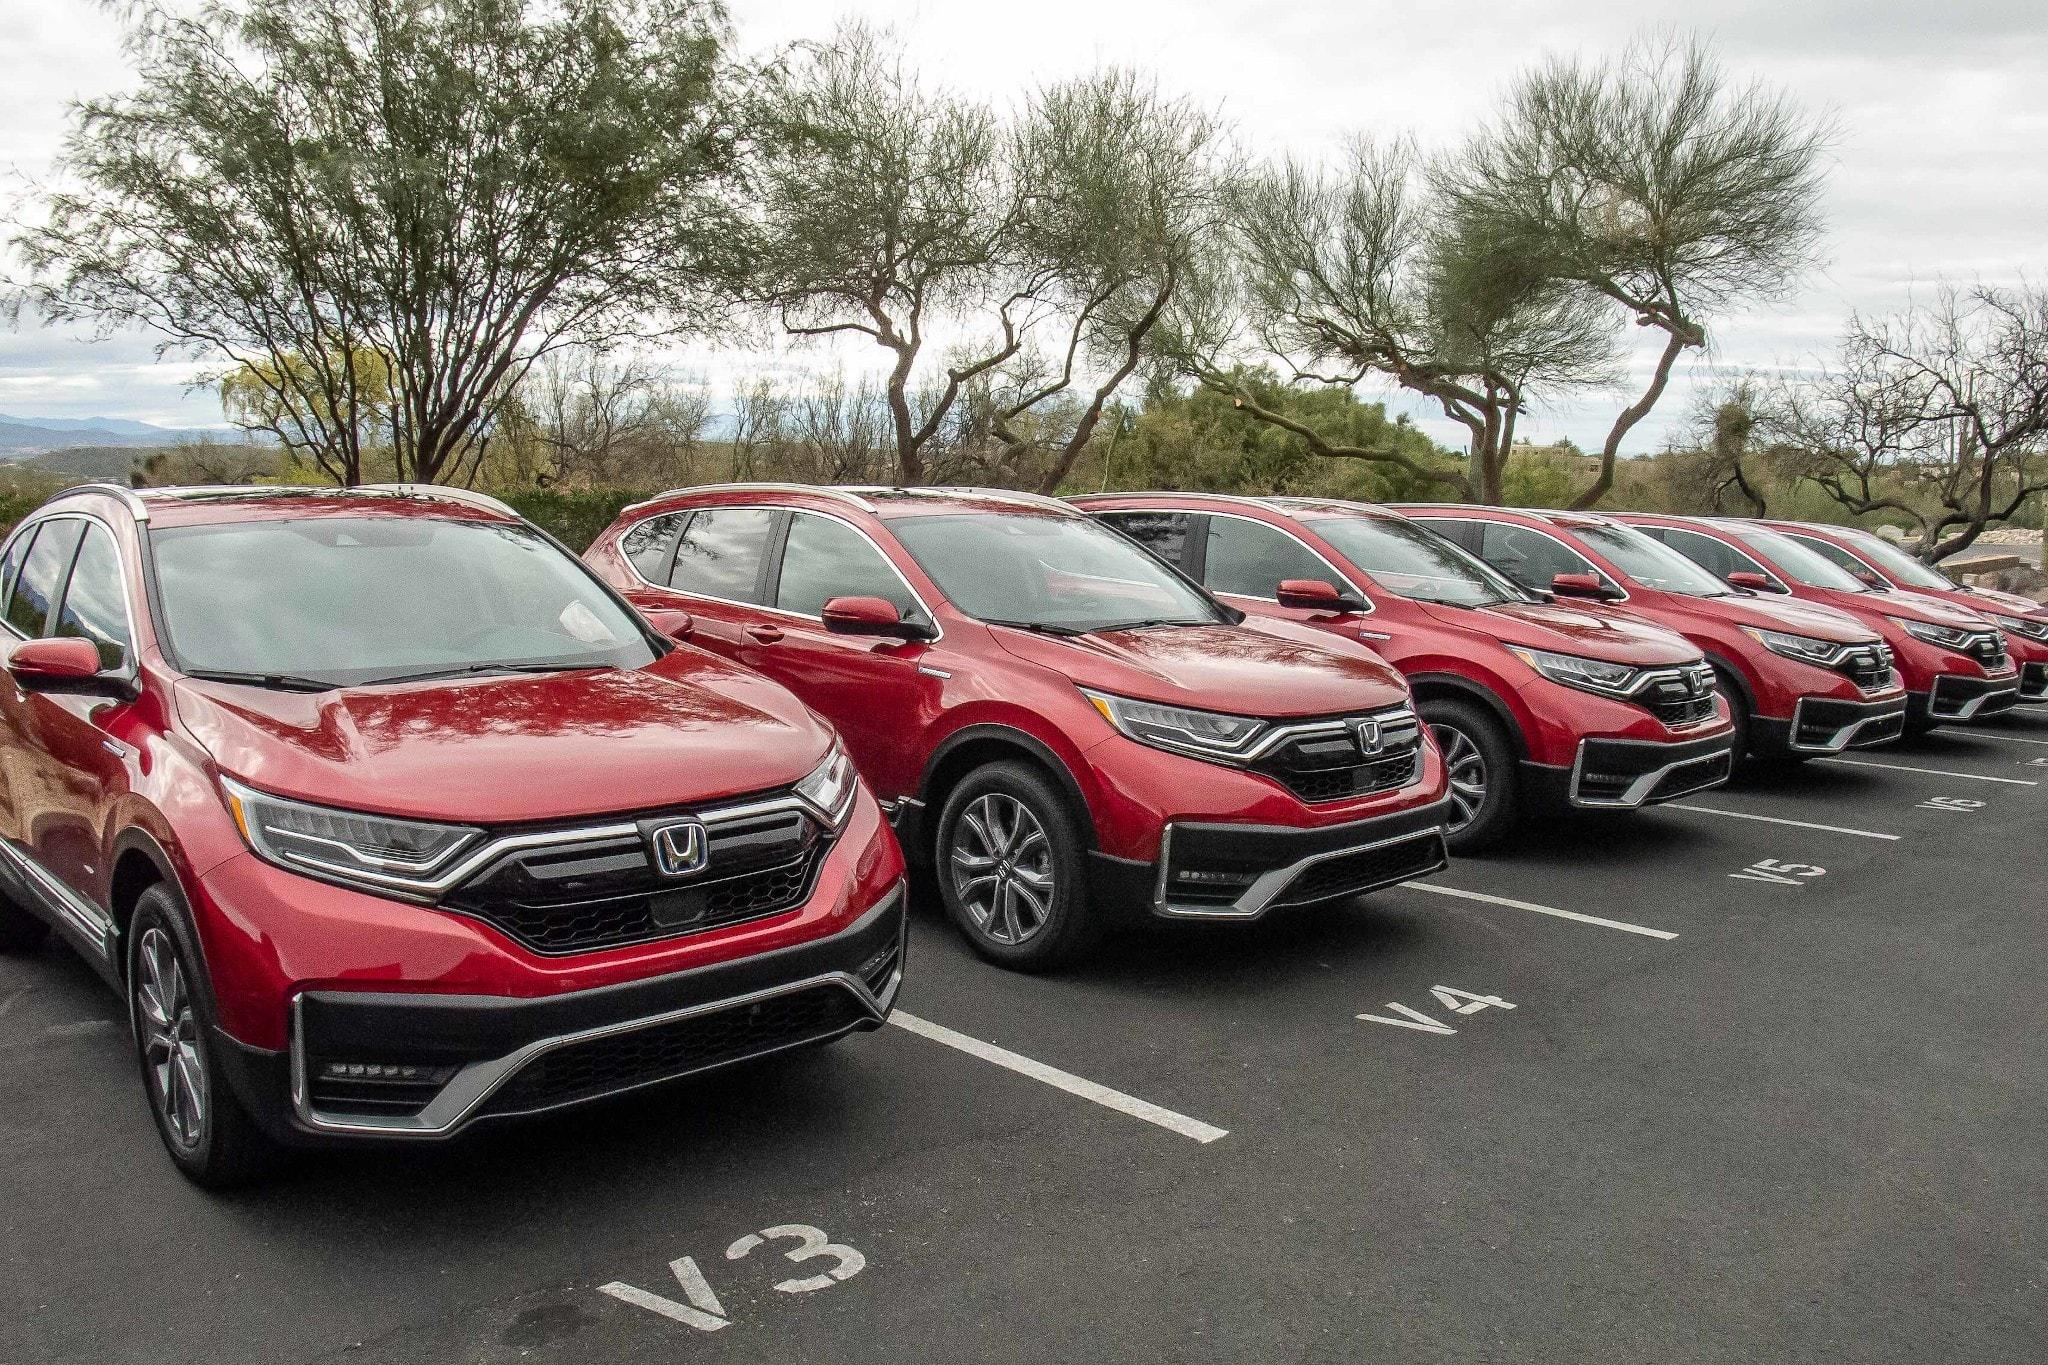 honda-cr-v-hybrid-2020-exterior--front--red--cars-